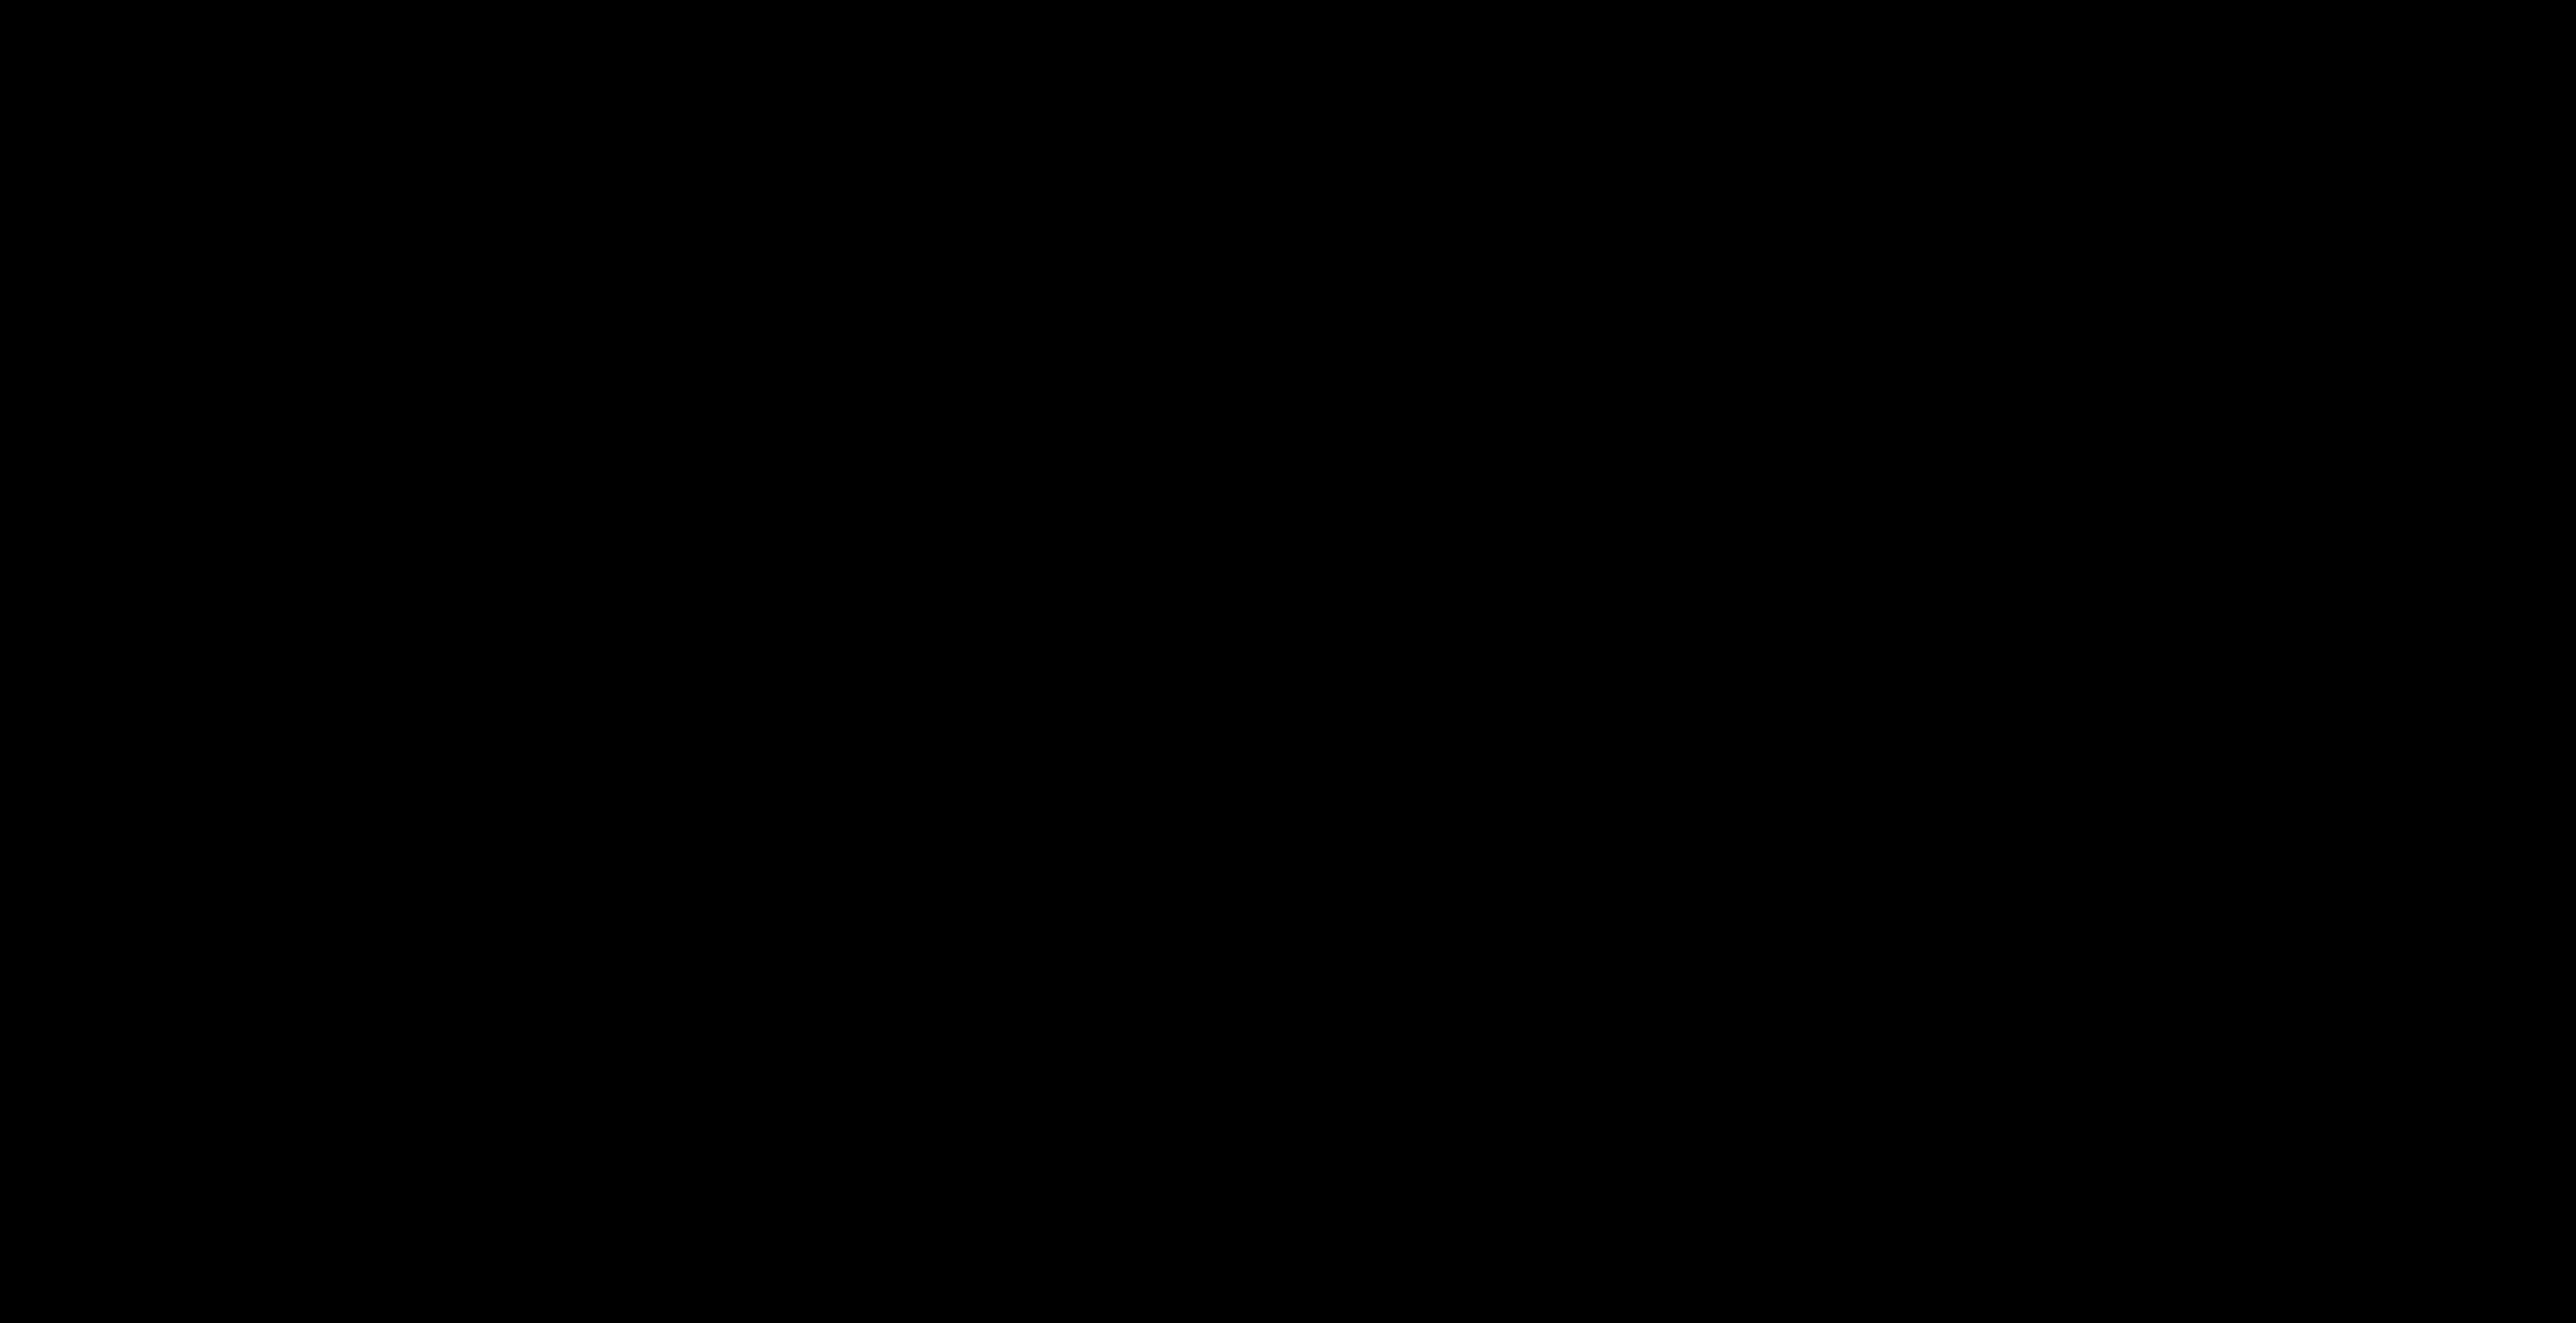 vvkb marine heater